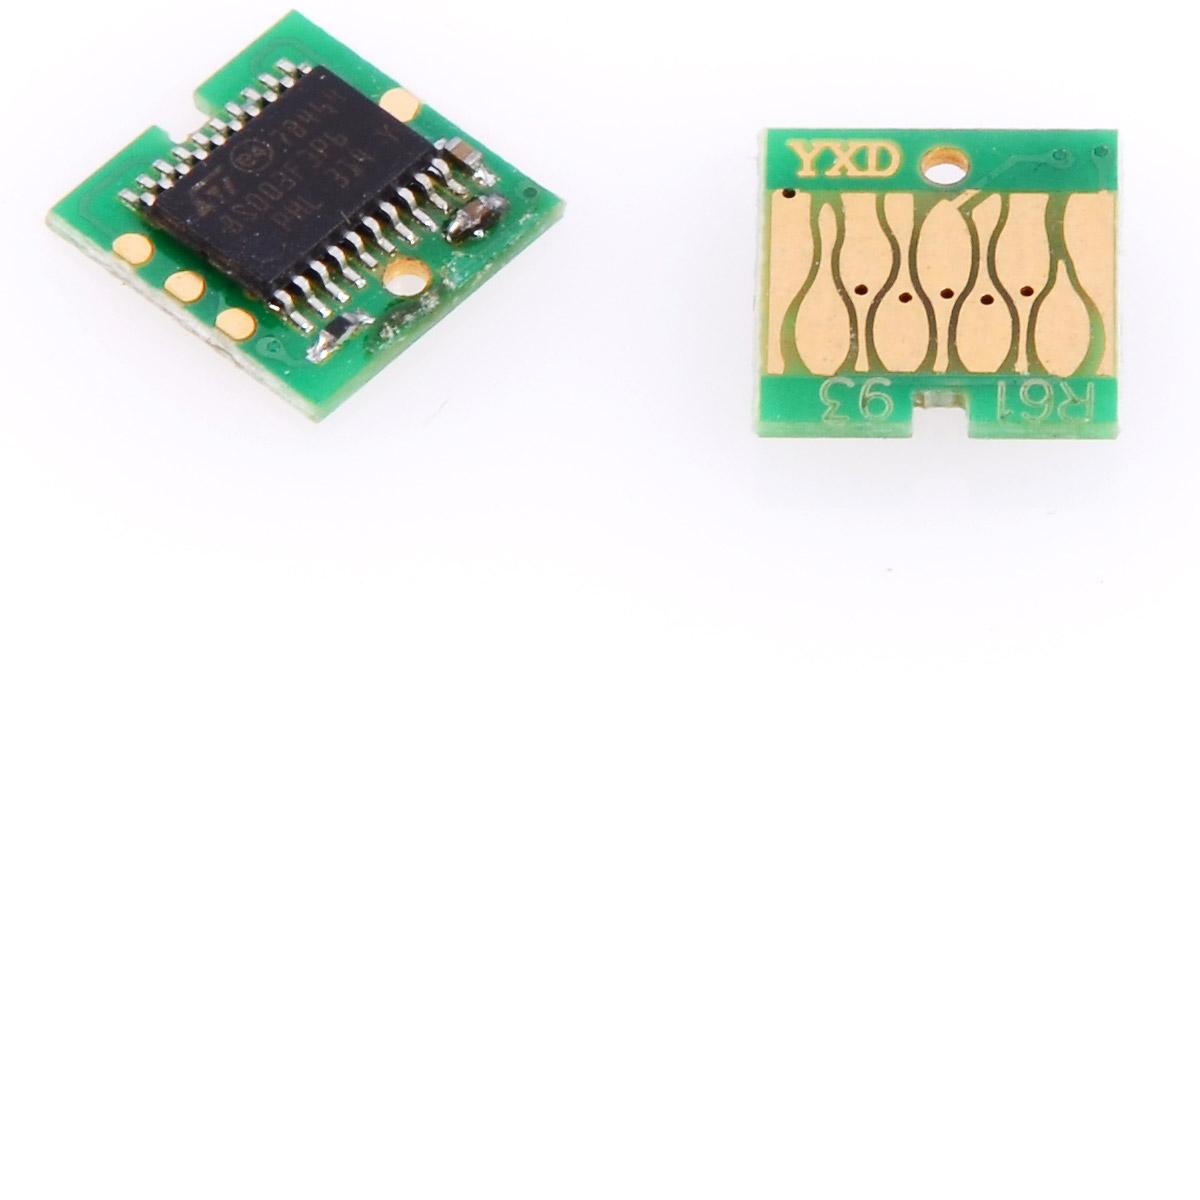 Maintanace Tank Auto-Reset-Chip kompatibel Epson SureColor T3200 T5200 T7200